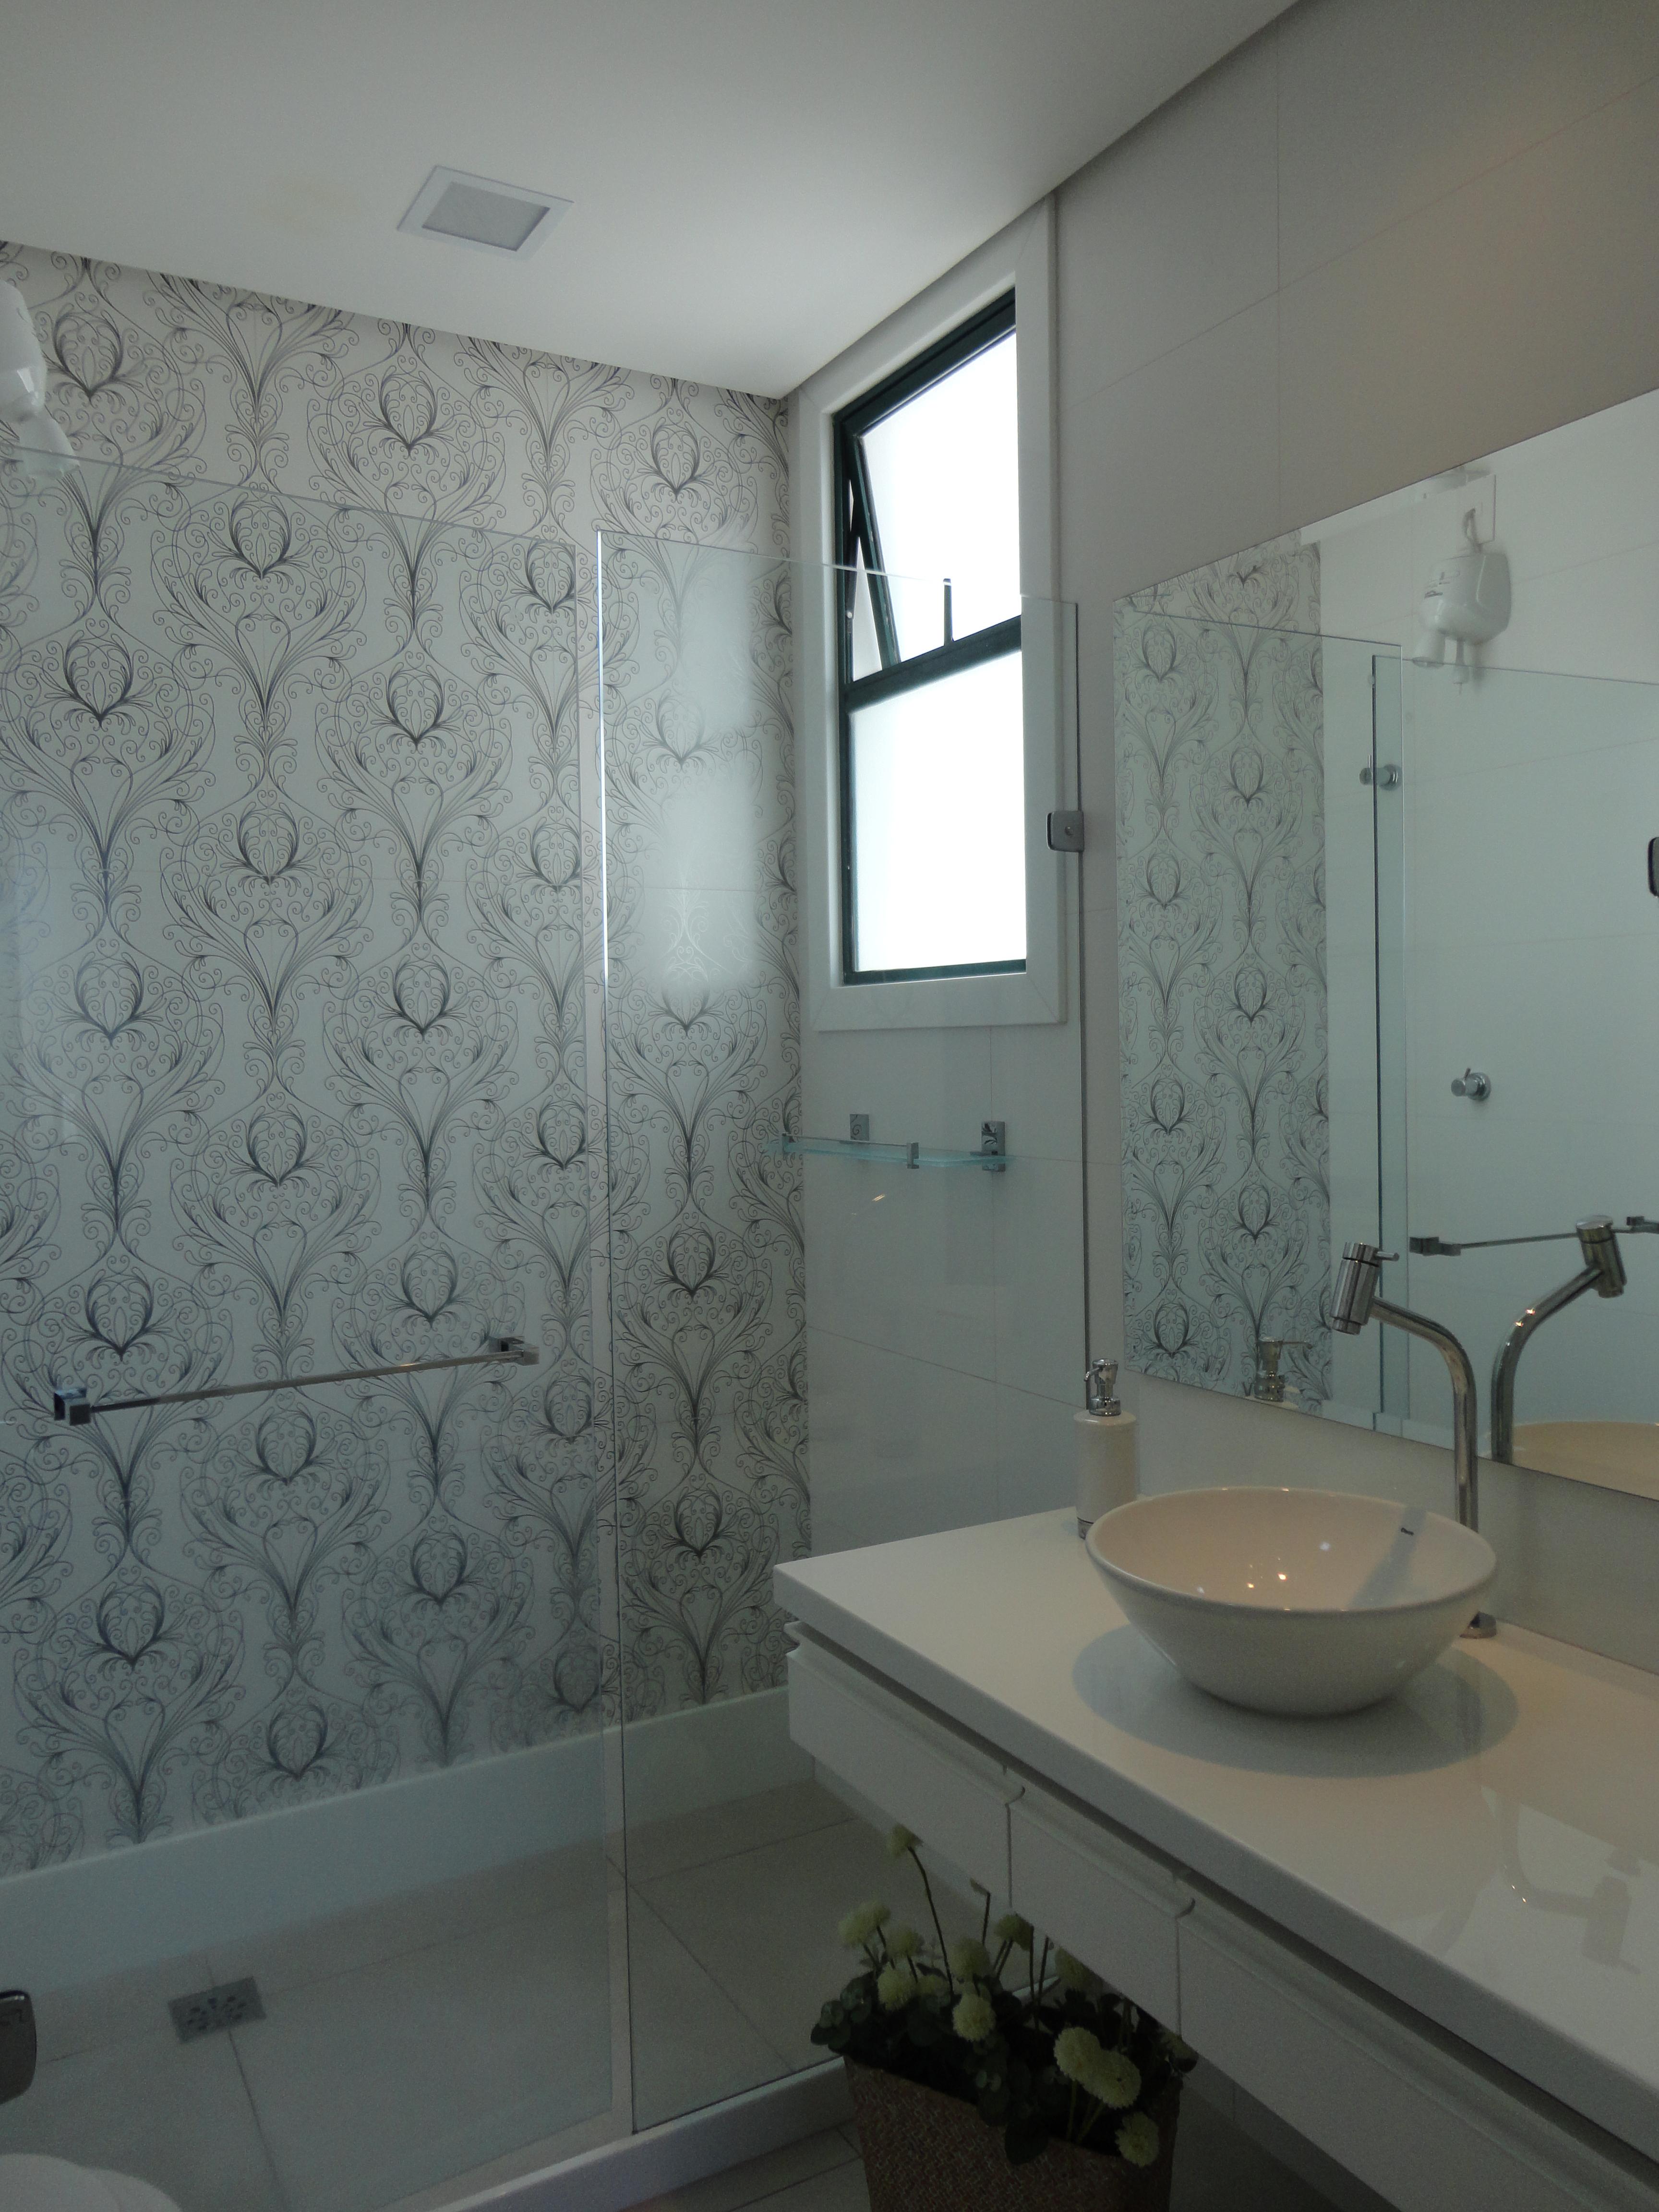 Banheiro  Bruno Carvalho -> Banheiro Pequeno Pintado